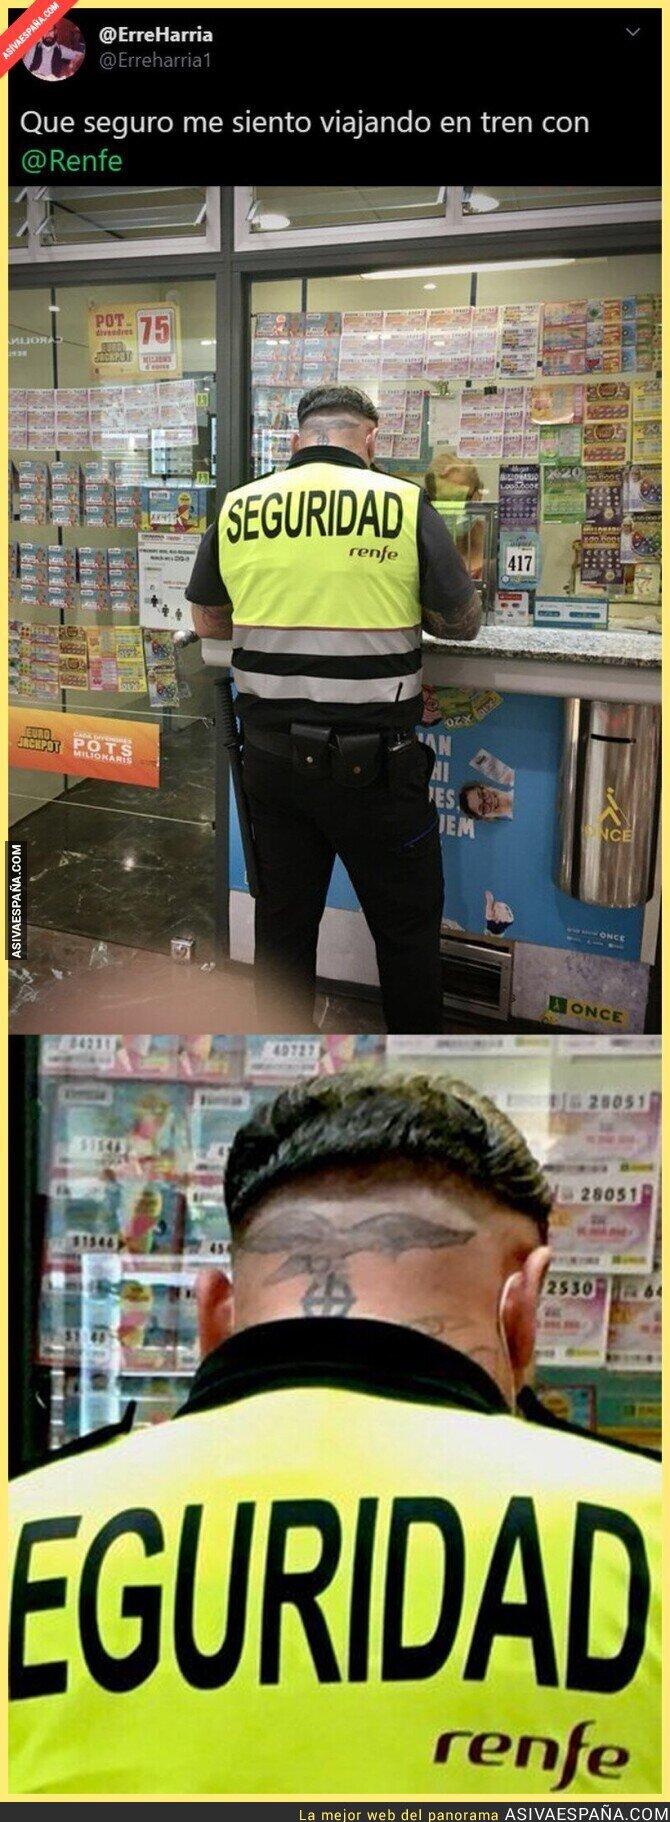 310754 - El polémico tatuaje que tiene este empleado de seguridad de RENFE que está dando muchísimo que hablar